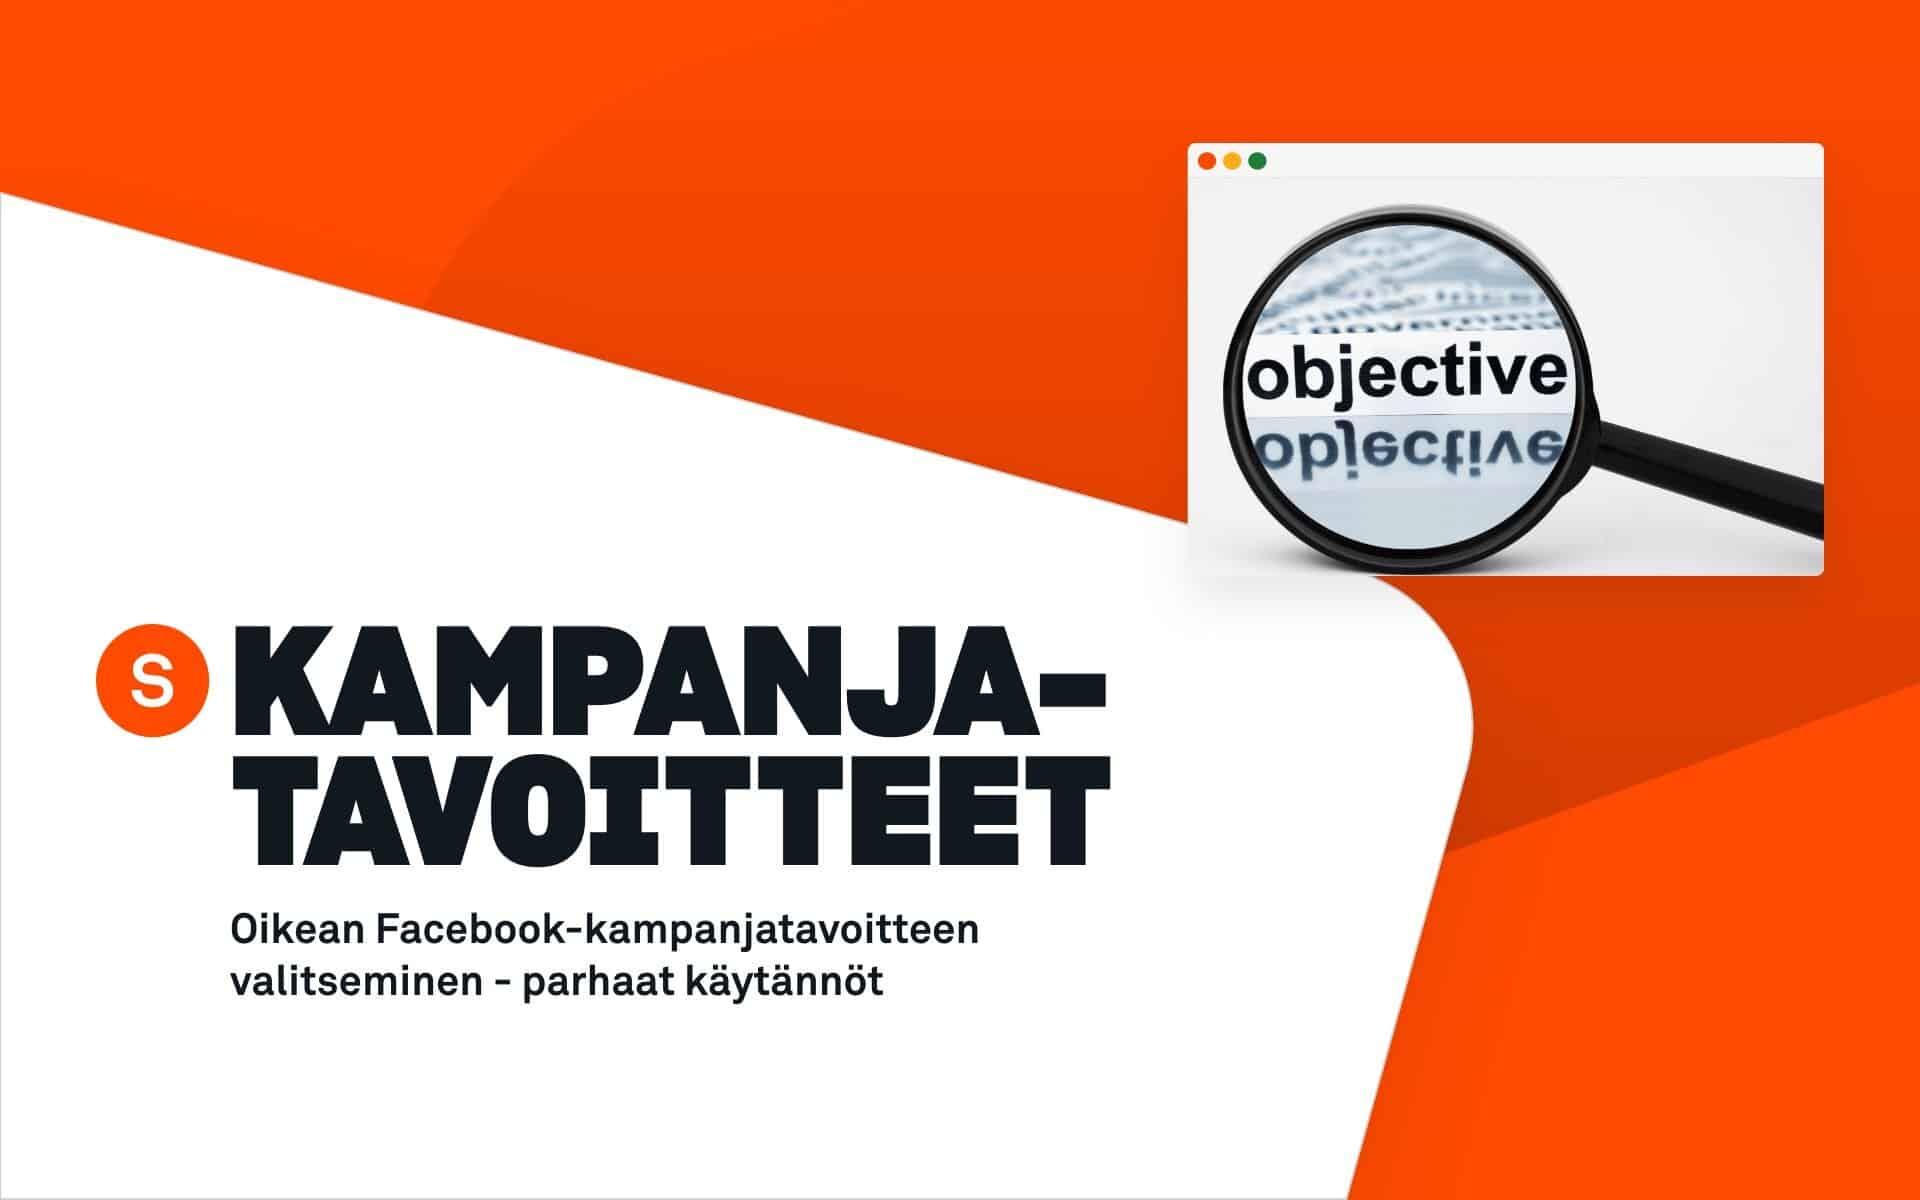 facebook-kampanjatavoitteen valinta